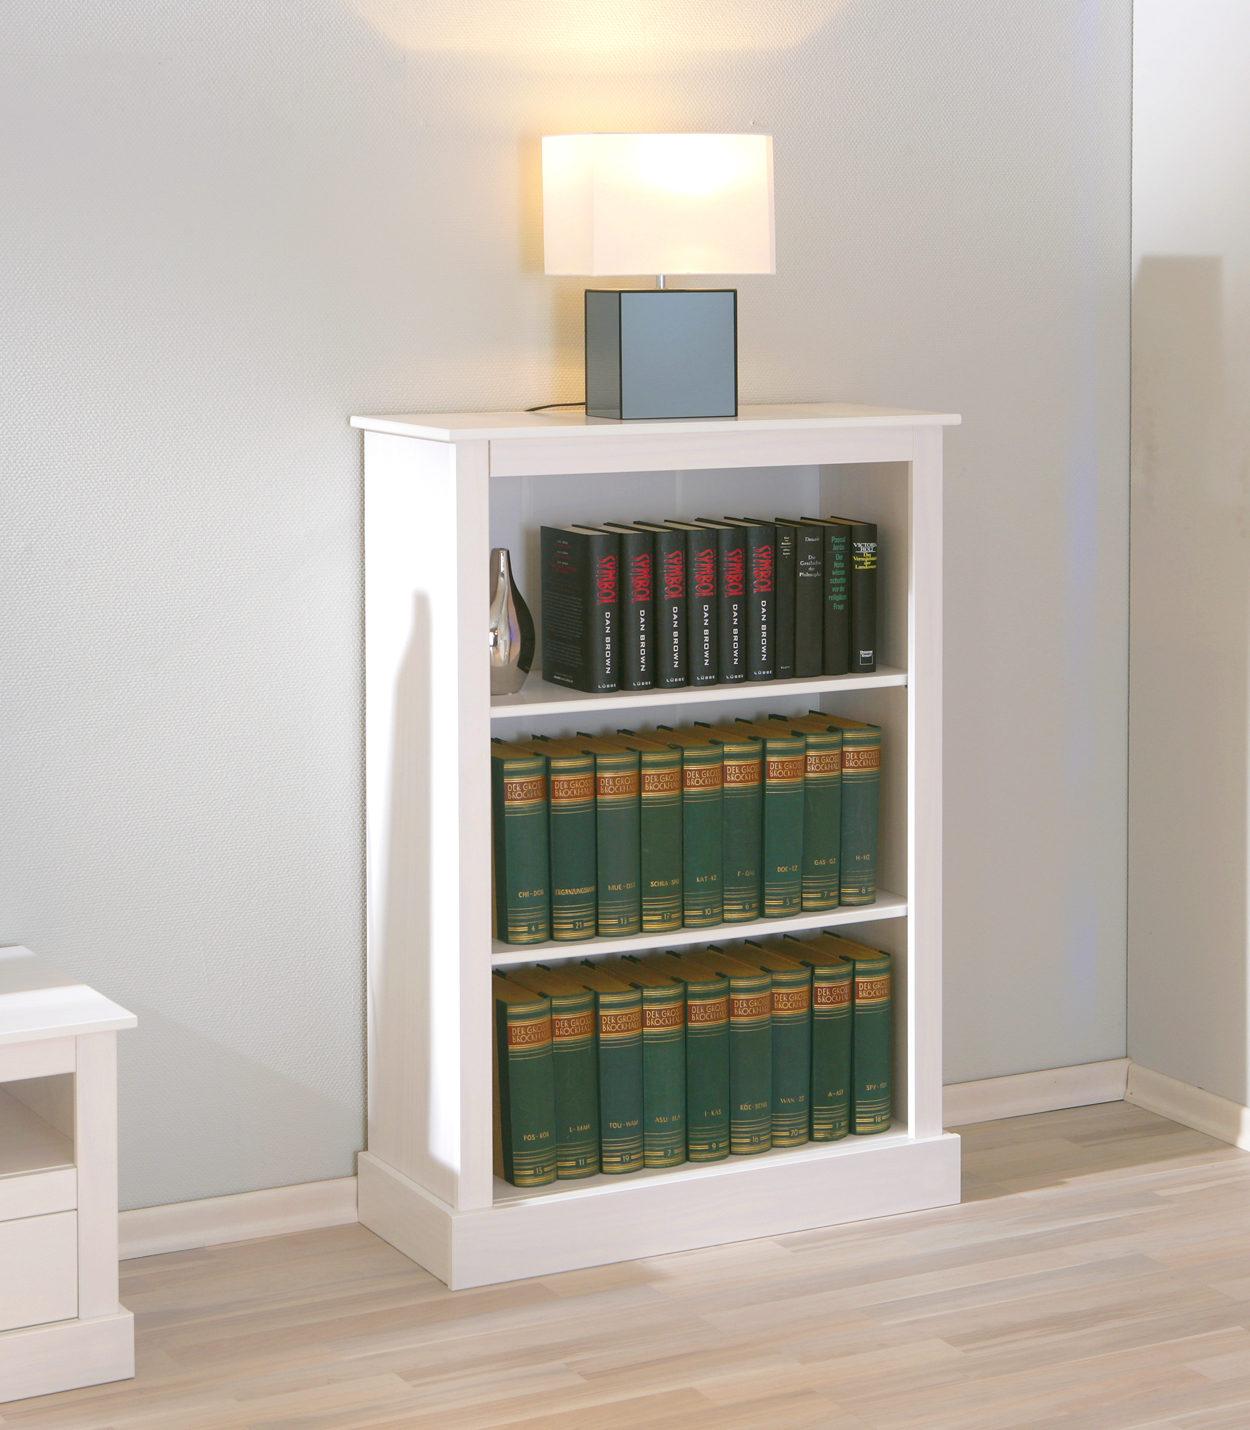 Bücherregal Inter Link Sas Aus Holz In Weiß Regal Provence, Ein Attraktives  Wohnzimmermöbel Oder Büromöbel